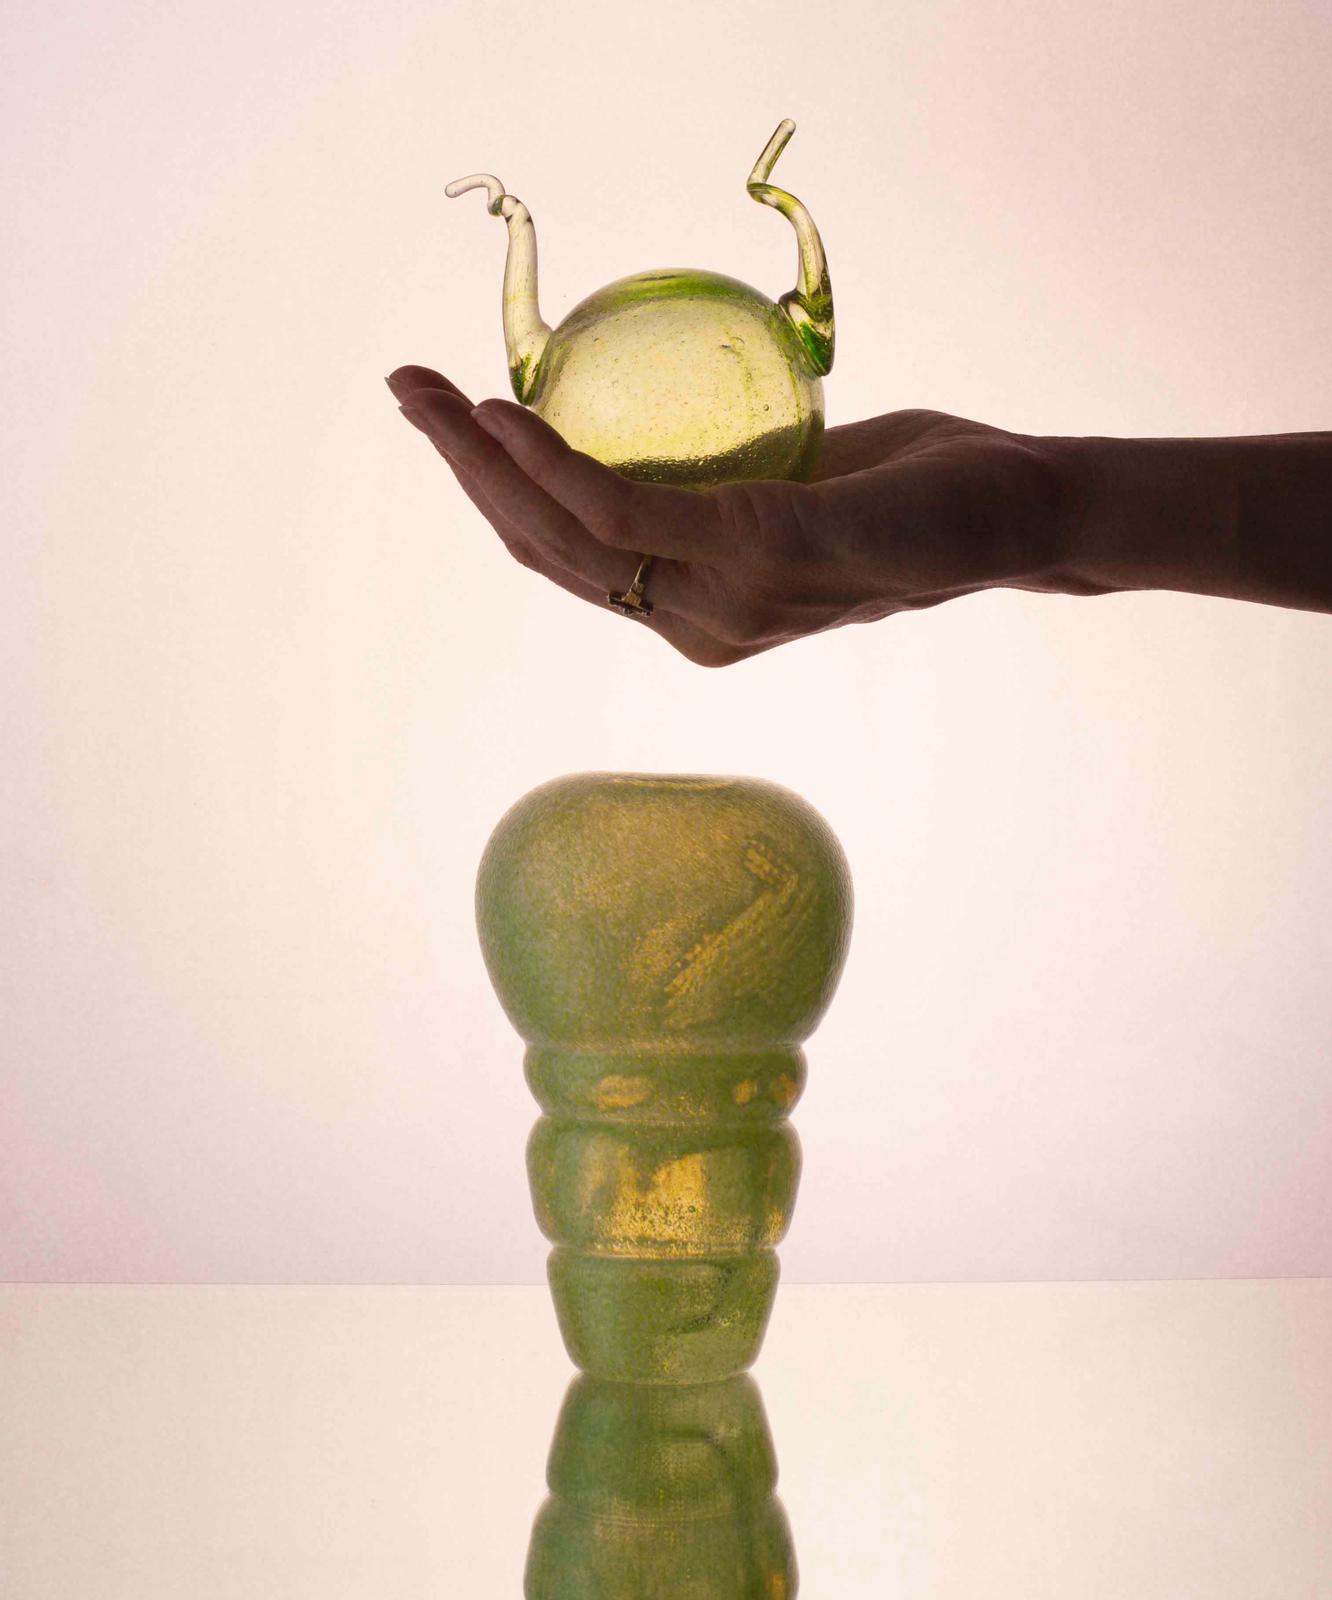 Glass Carafe By HEVEN Unltd